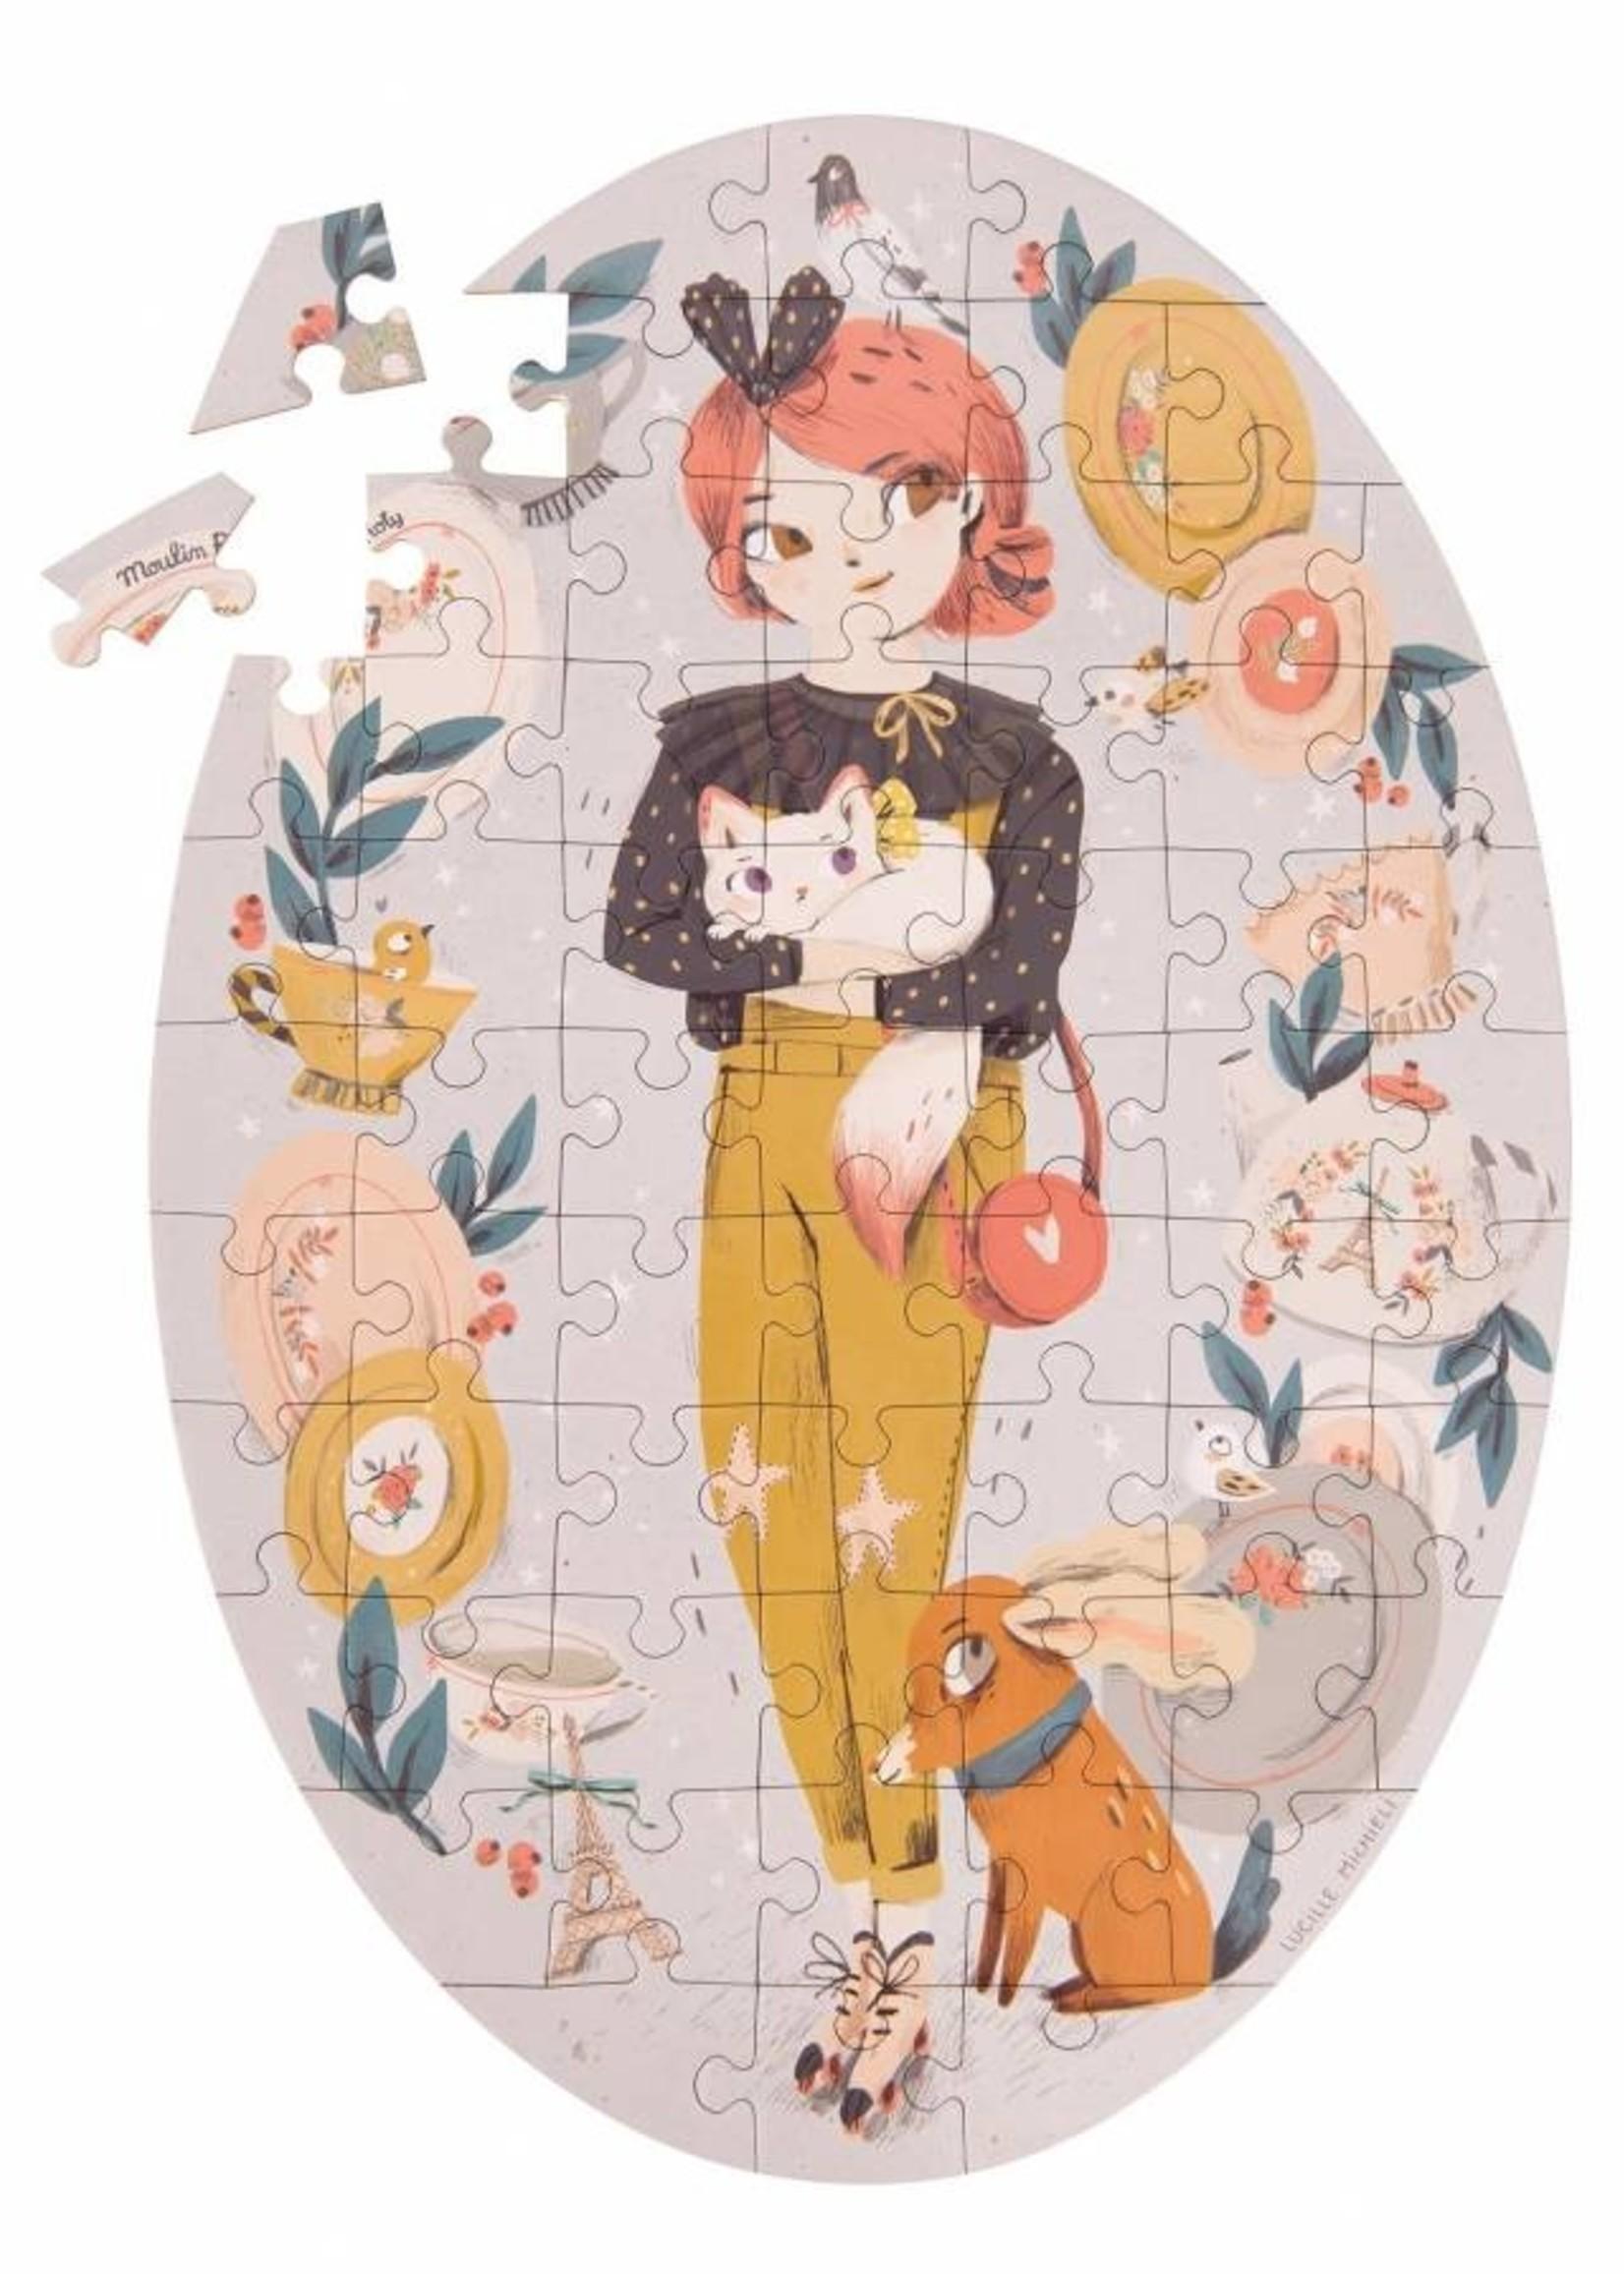 Mideer Mideer-ss21 . Parisiennes - Constance Puzzle (65 pcs)   Code: 642543